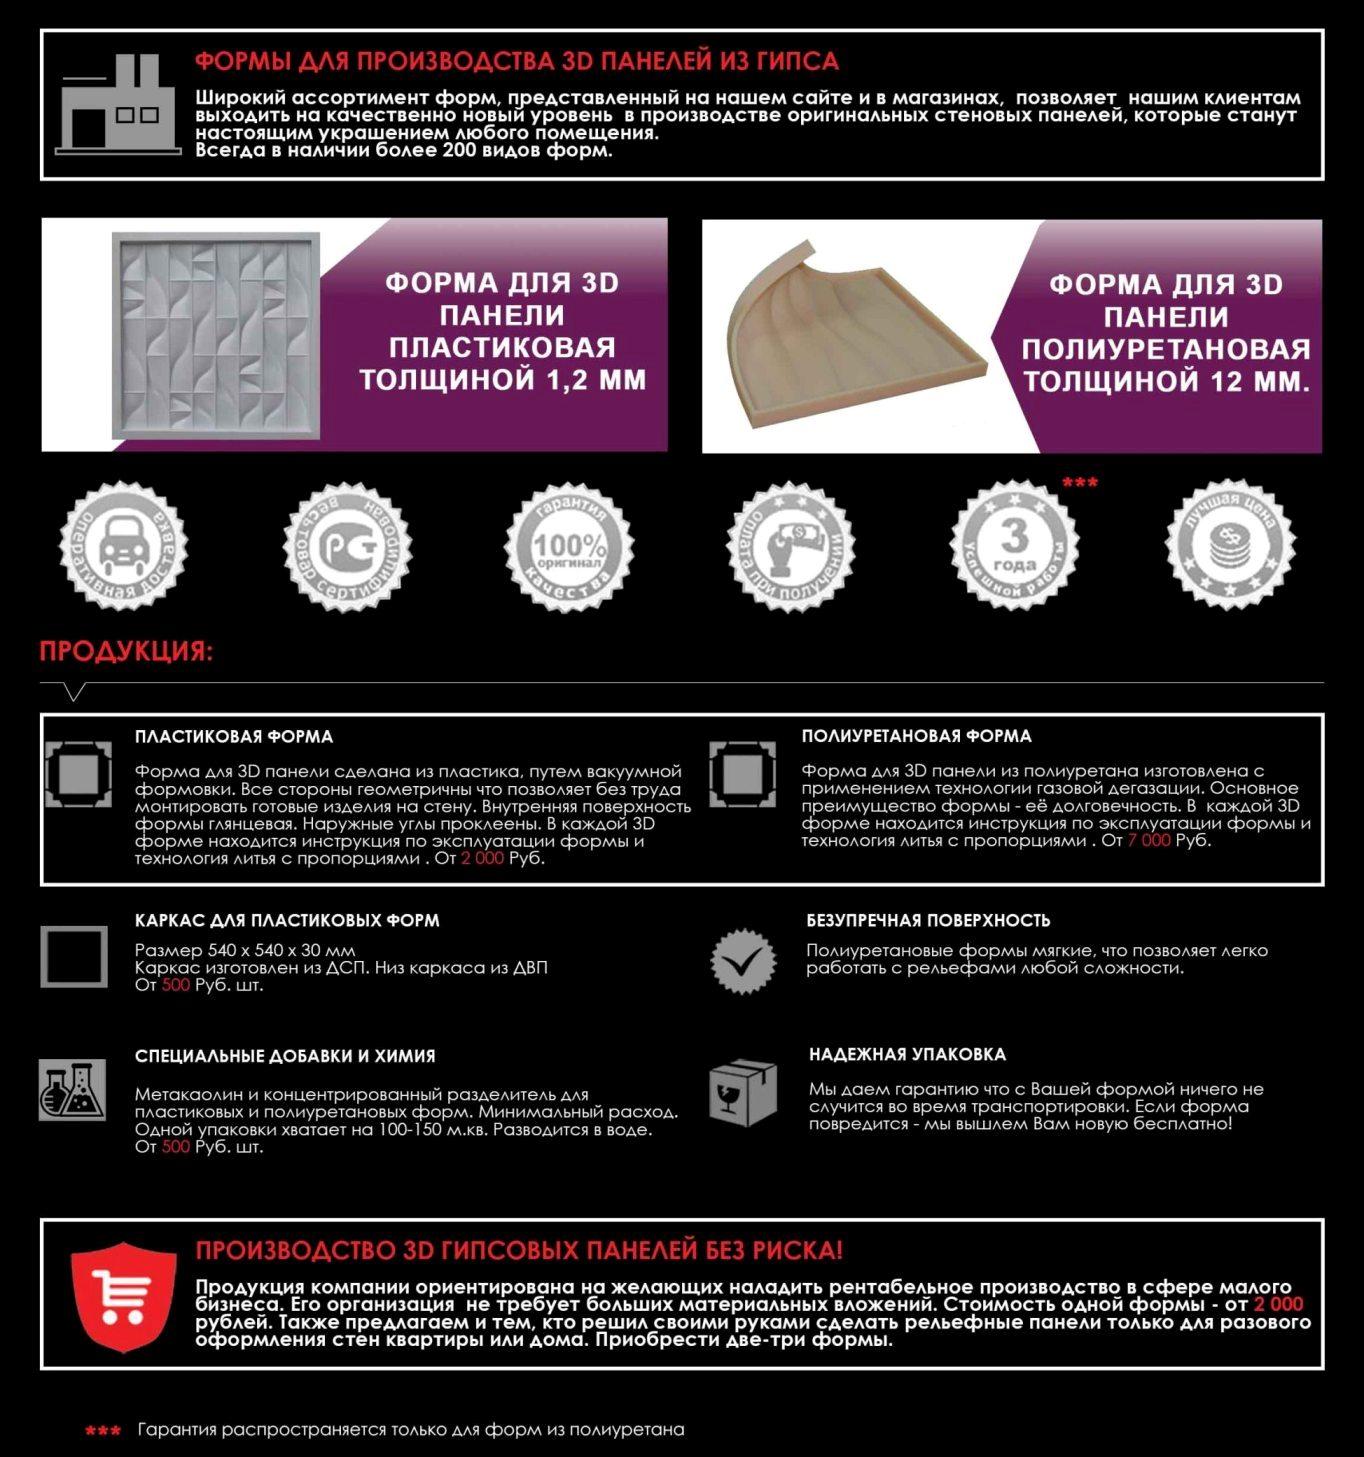 Формы для производства 3D панелей из полиуретана и силикона от производителя по низким ценам.